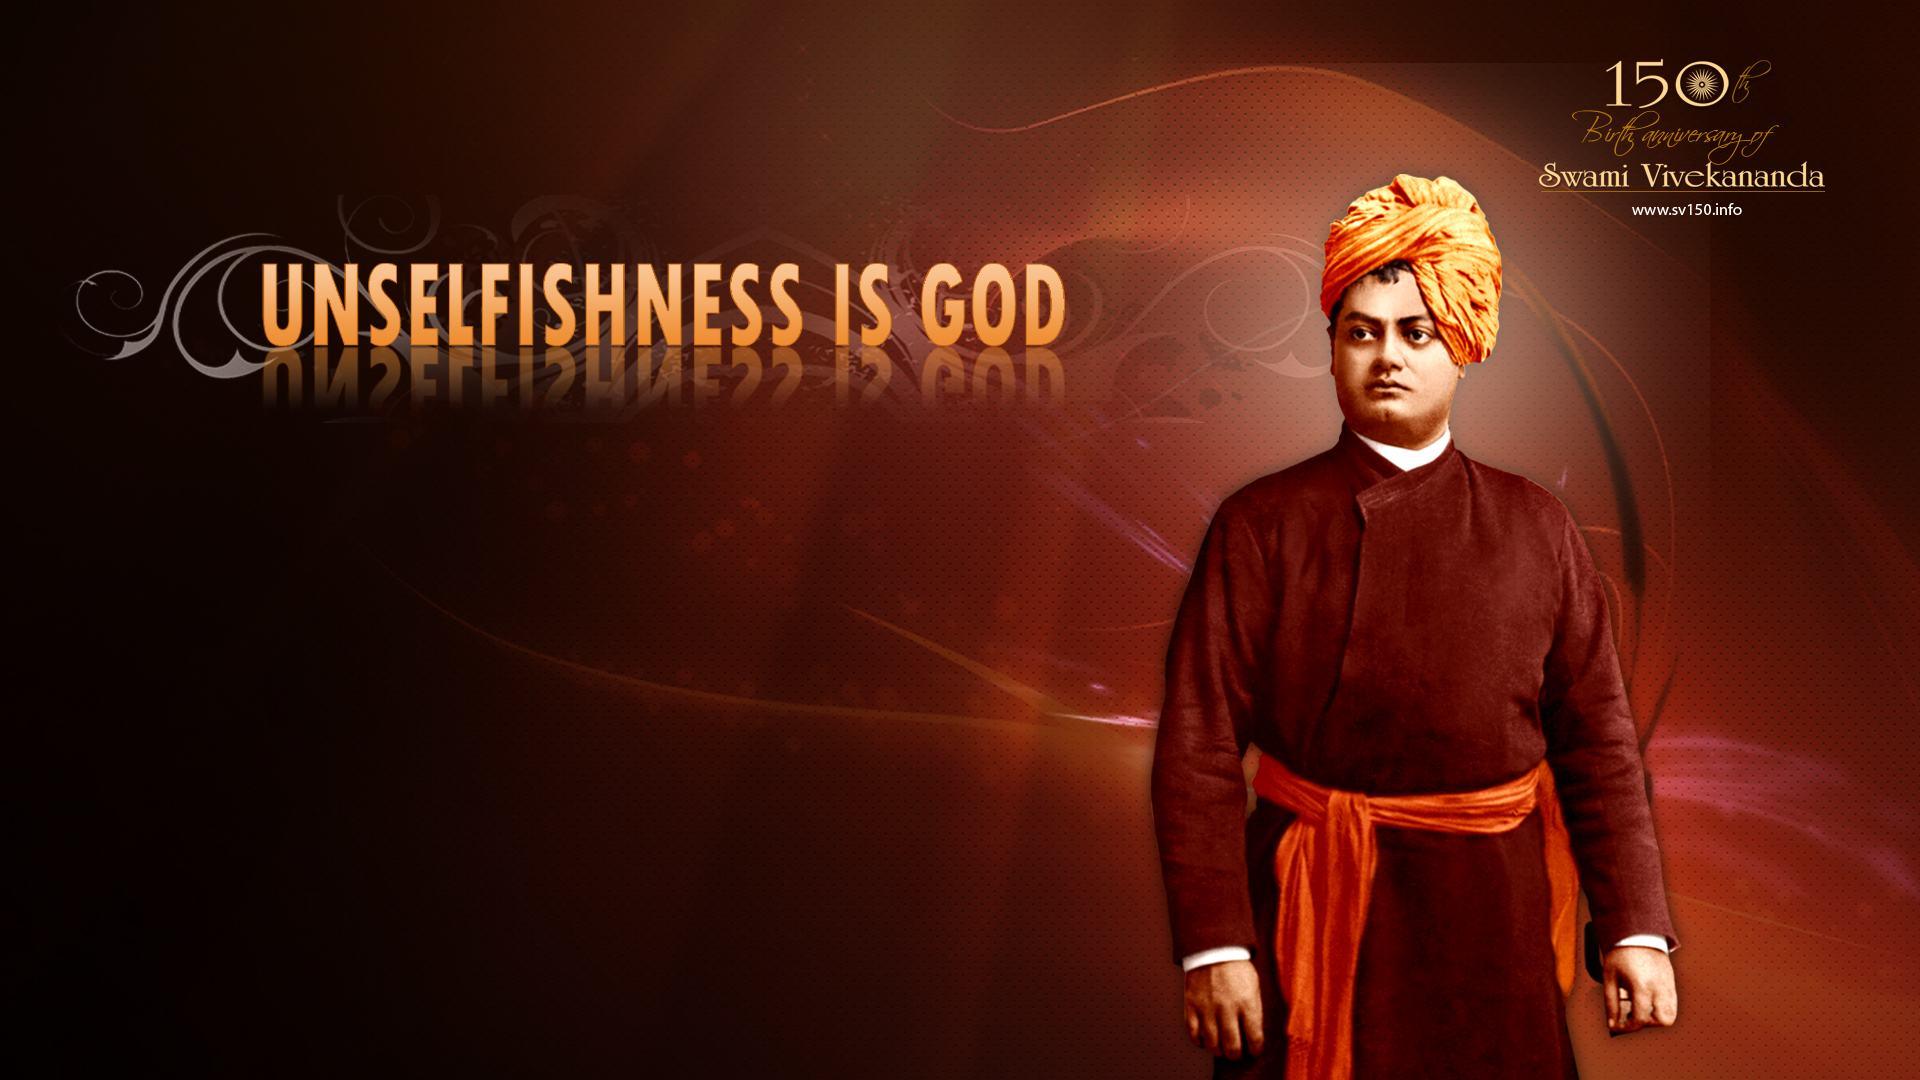 Swami Vivekananda | Youthopia